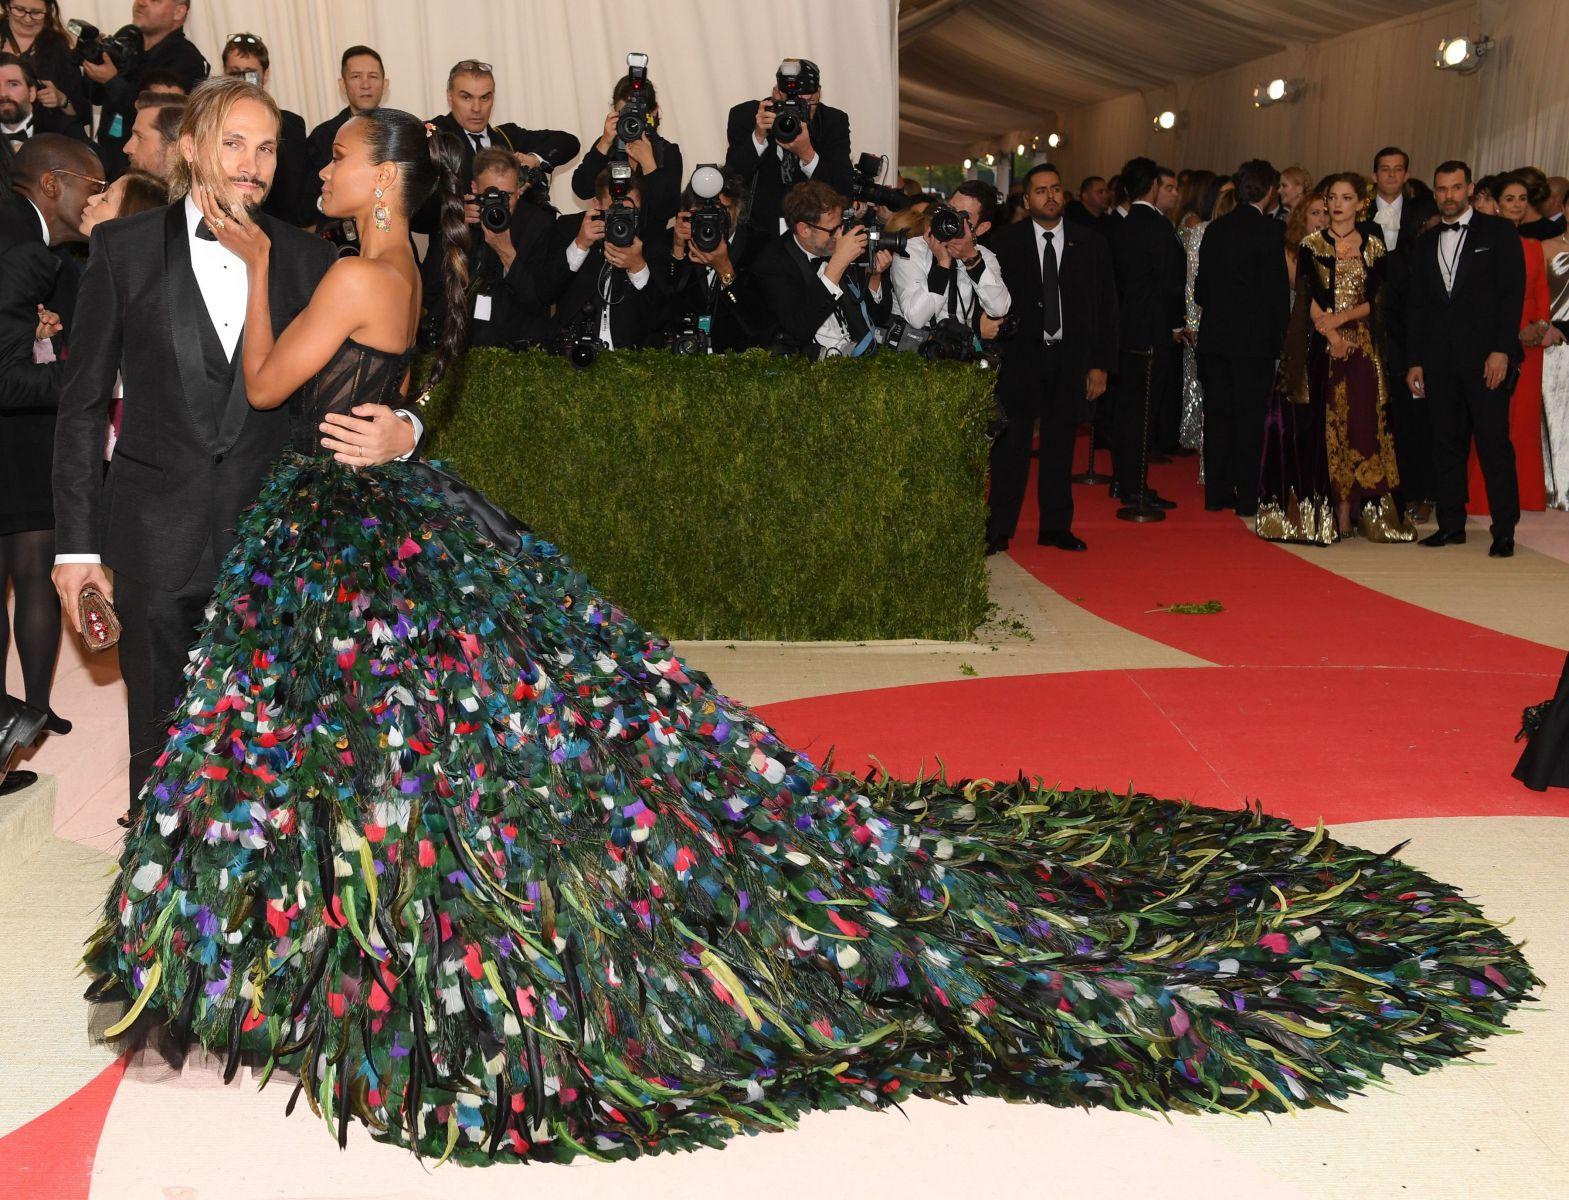 Платье-павлин: Зои Салдана в роскошном наряде от Dolce & Gabbana на Met Gala 2016